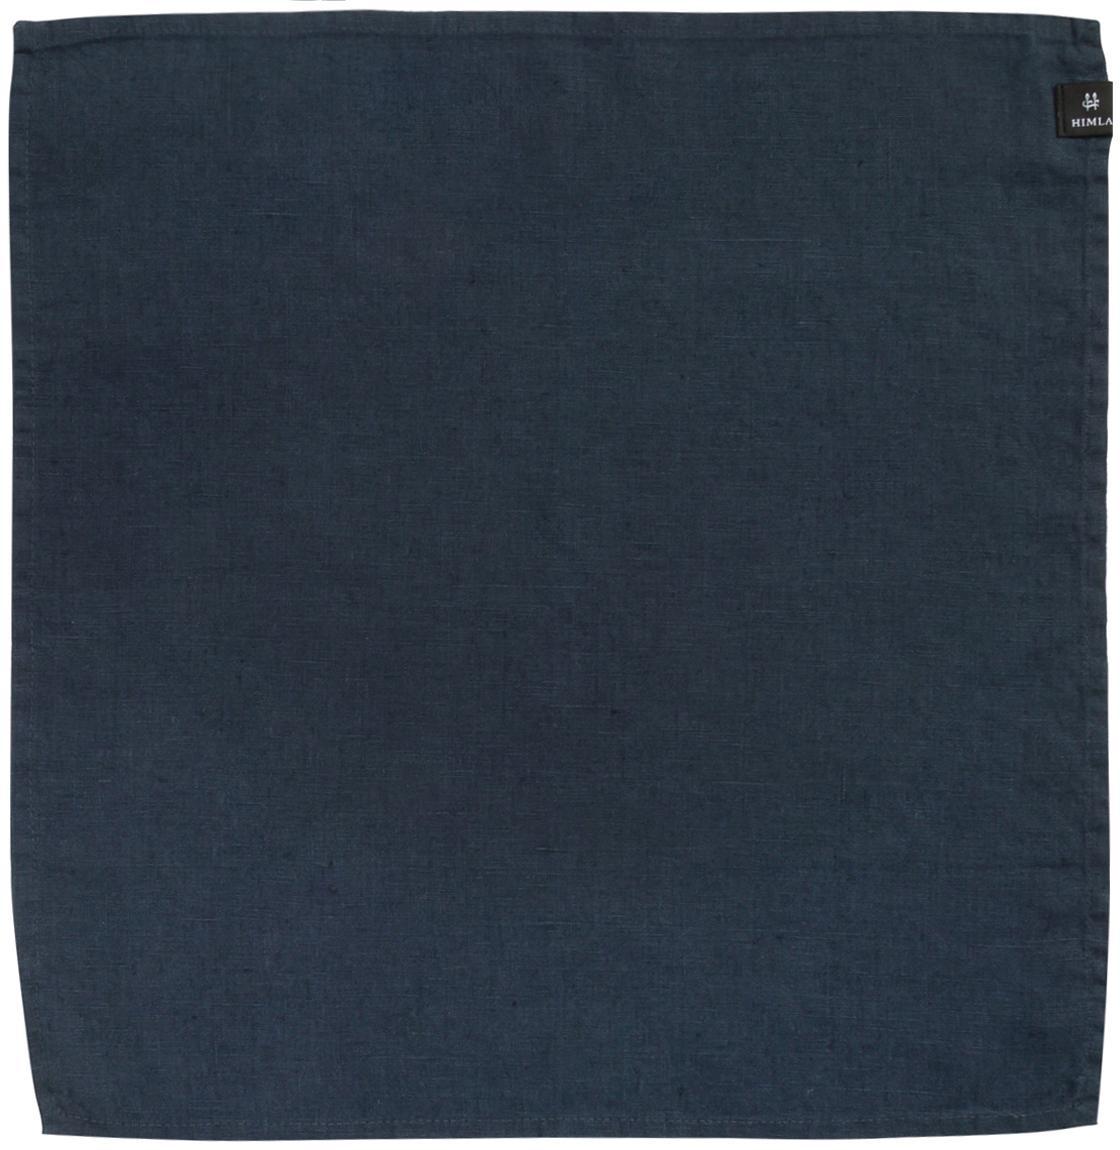 Leinen-Servietten Sunshine, 4 Stück, Leinen, Stahlblau, 45 x 45 cm